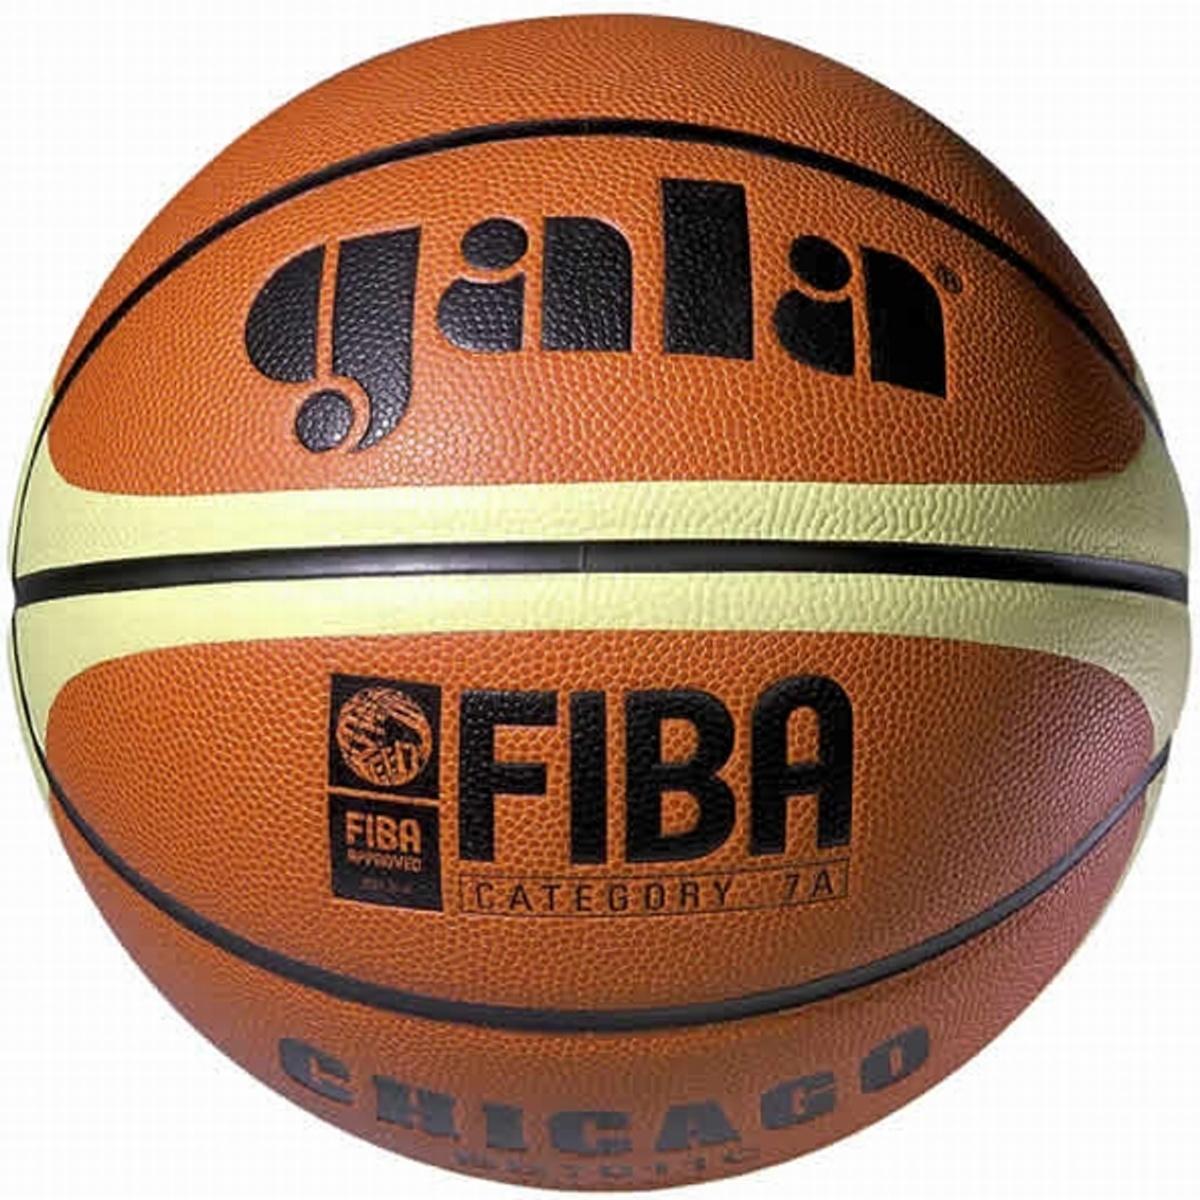 Heureka.cz » Sport » Míčové sporty » Basketbal » Basketbalové míče » Gala Chicago